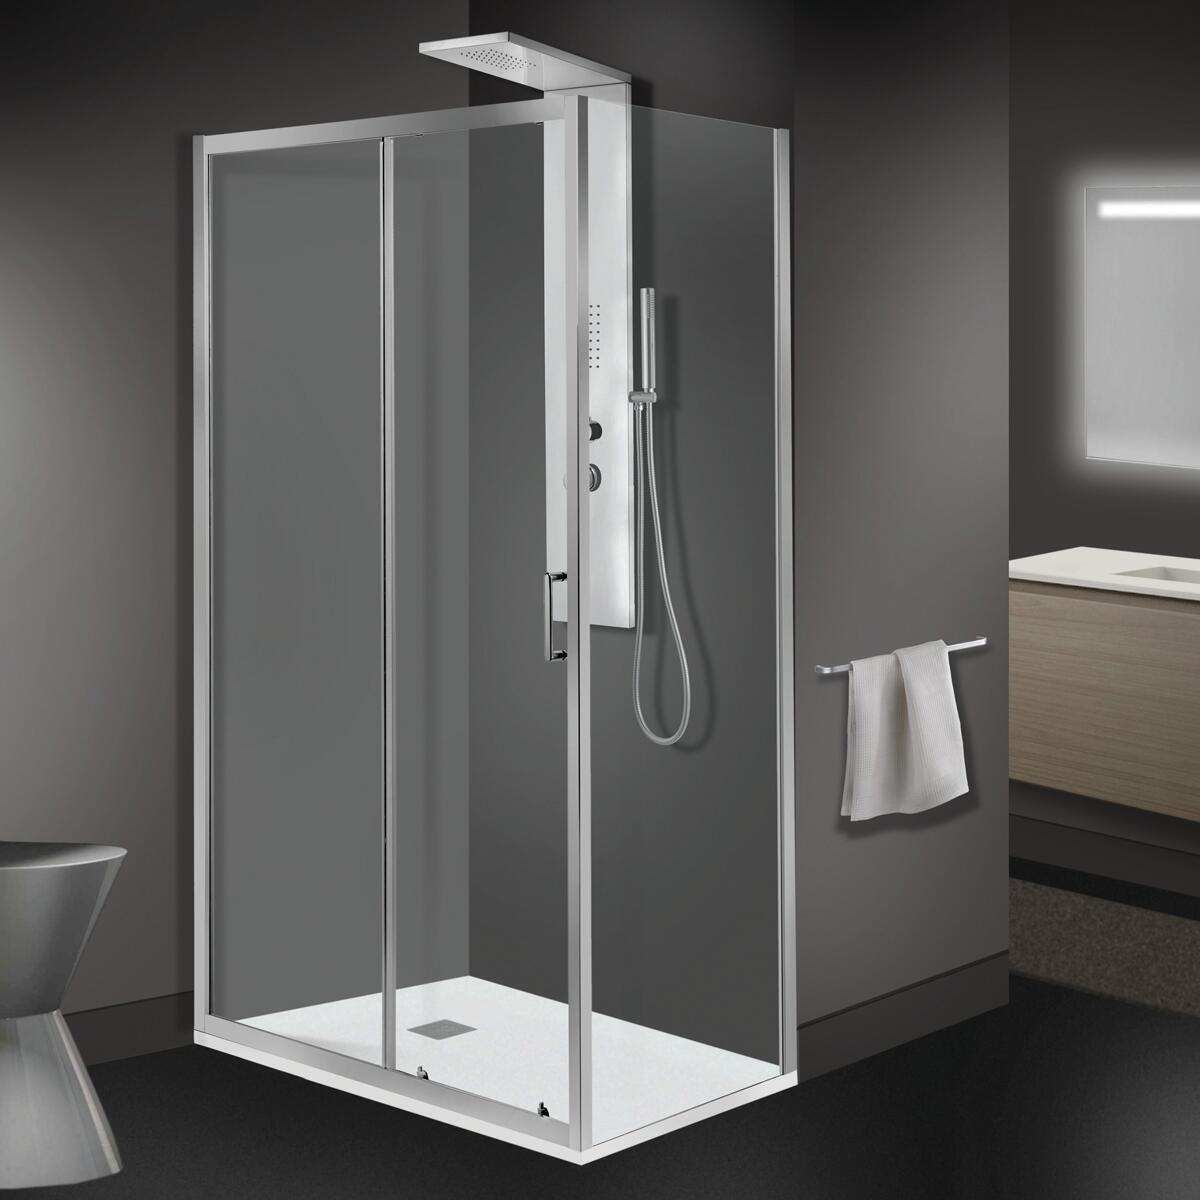 Porta doccia 1 anta fissa + 1 anta scorrevole ZESC 120 cm, H 190 cm in vetro temprato, spessore 6 mm trasparente cromato - 1